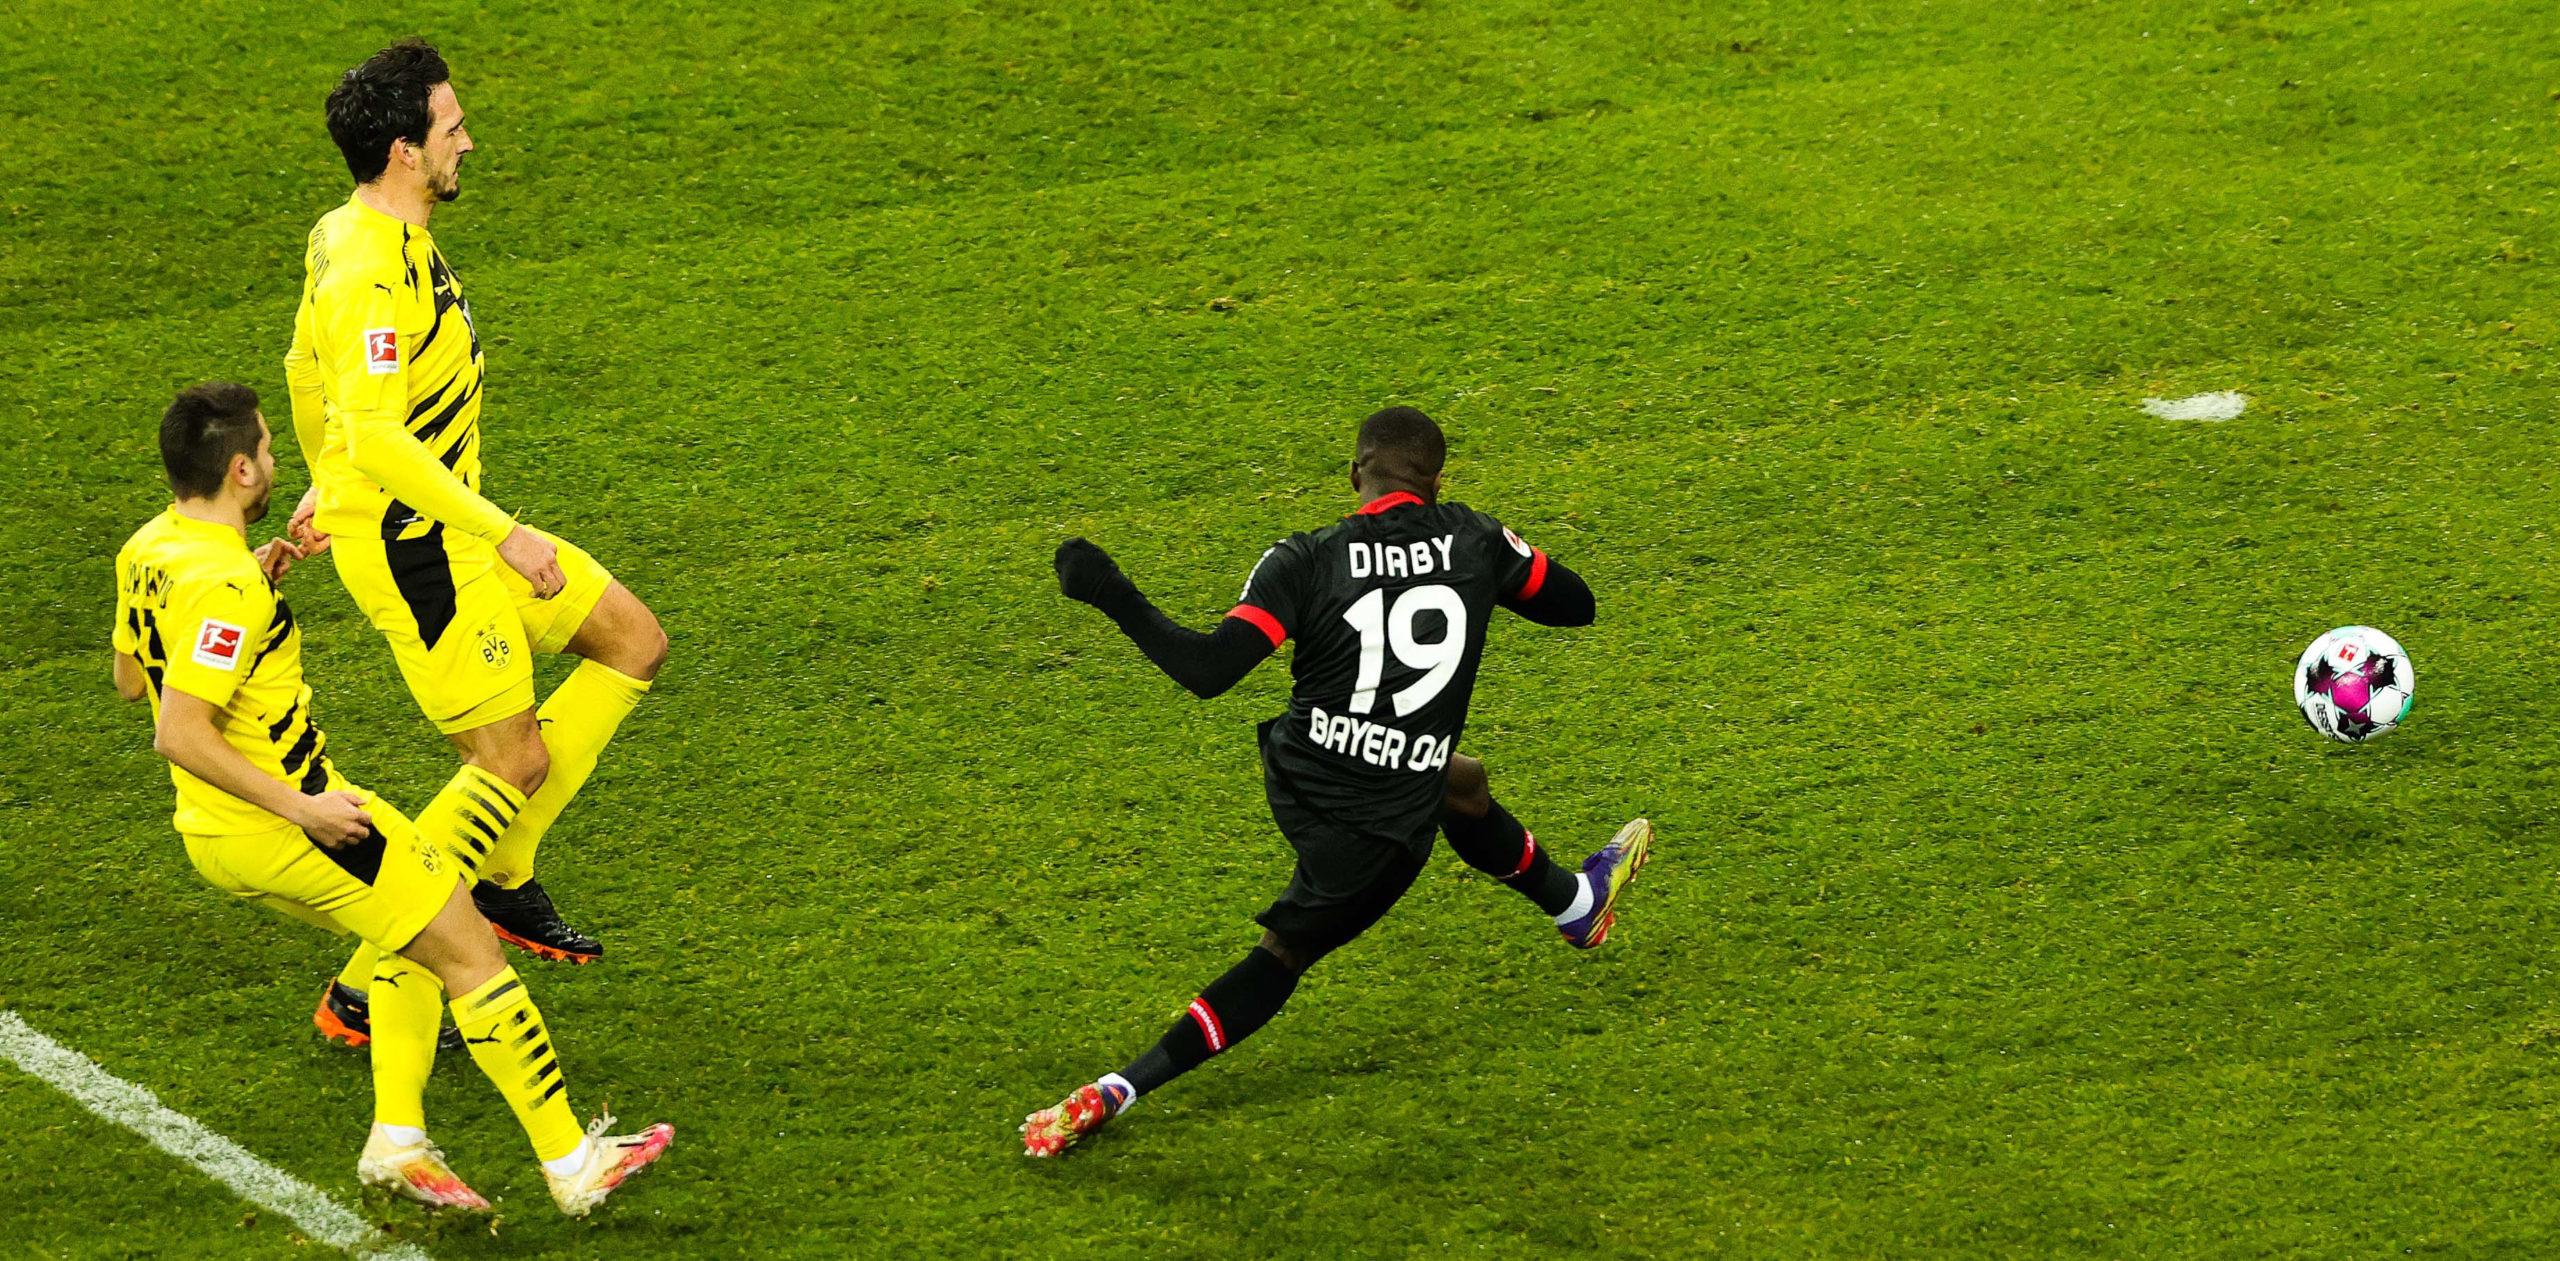 Samedi, le Borussia Dortmund reçoit le Bayer Leverkusen dans son Signal Iduna Park. Découvrez-le sur betFIRST.